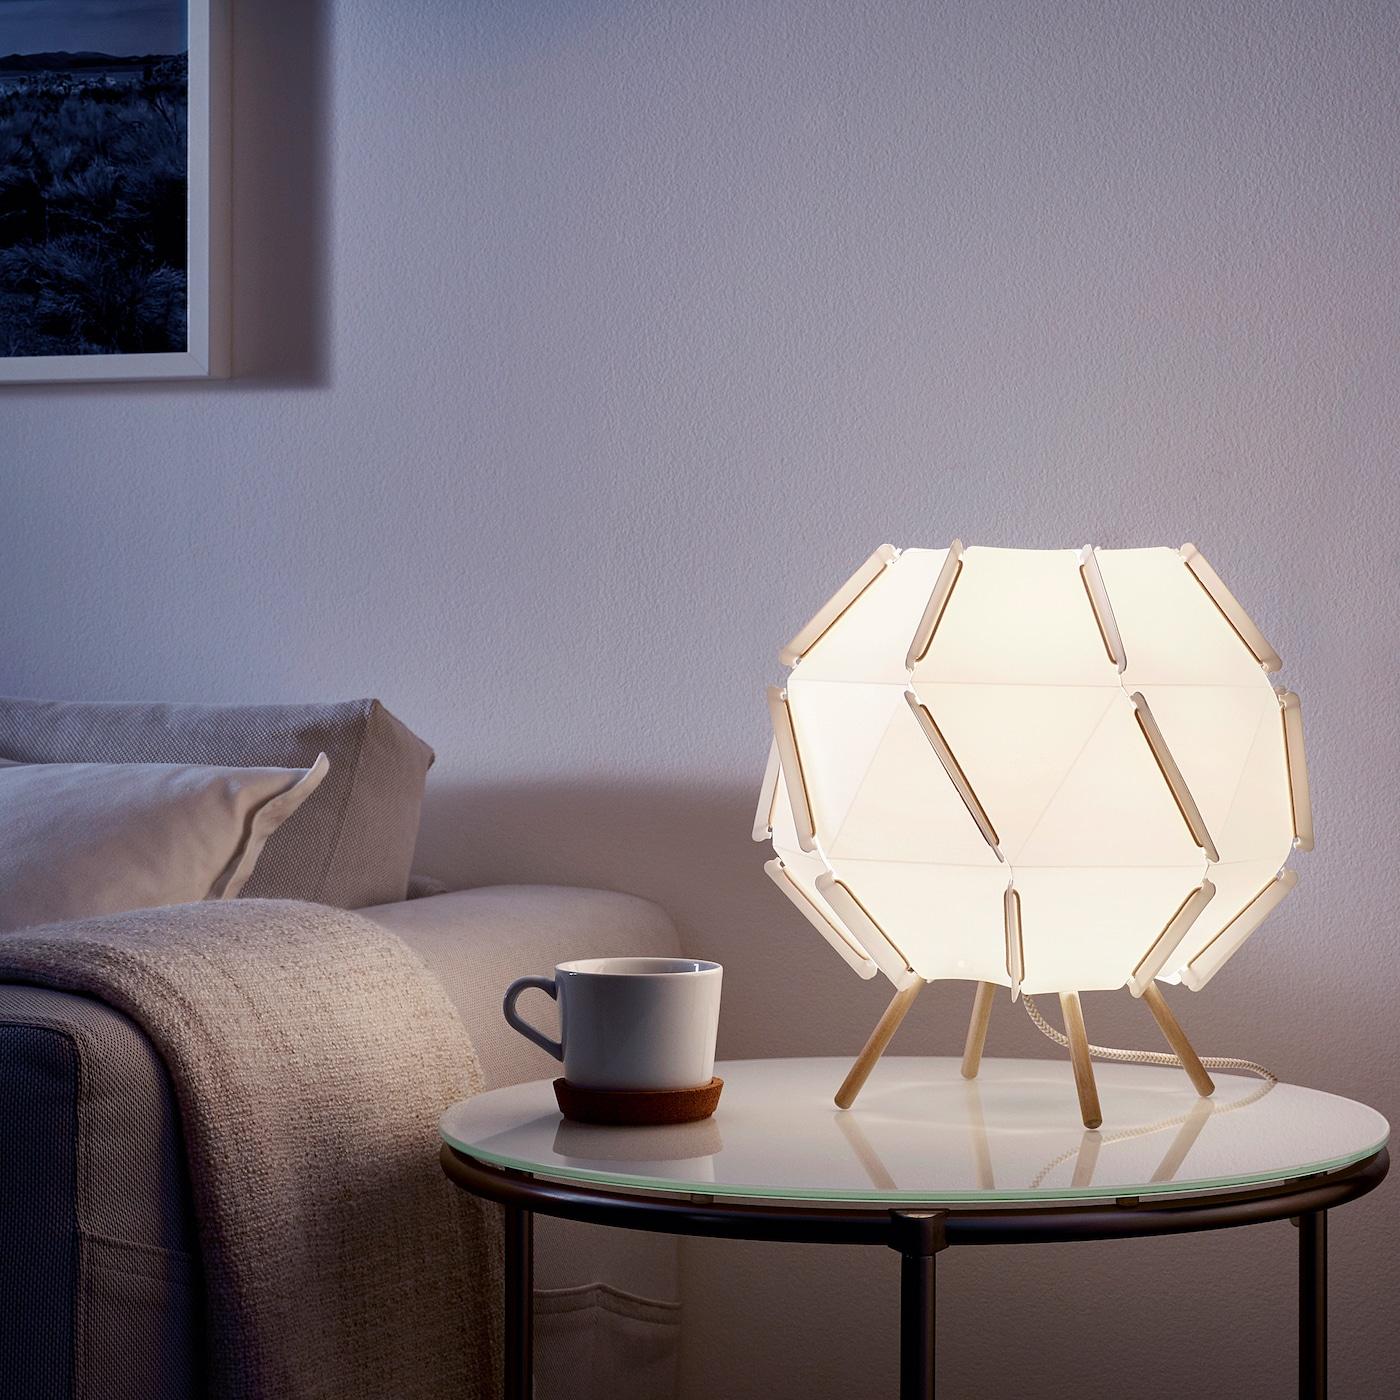 ikea sjöpenna floor lamp assembly